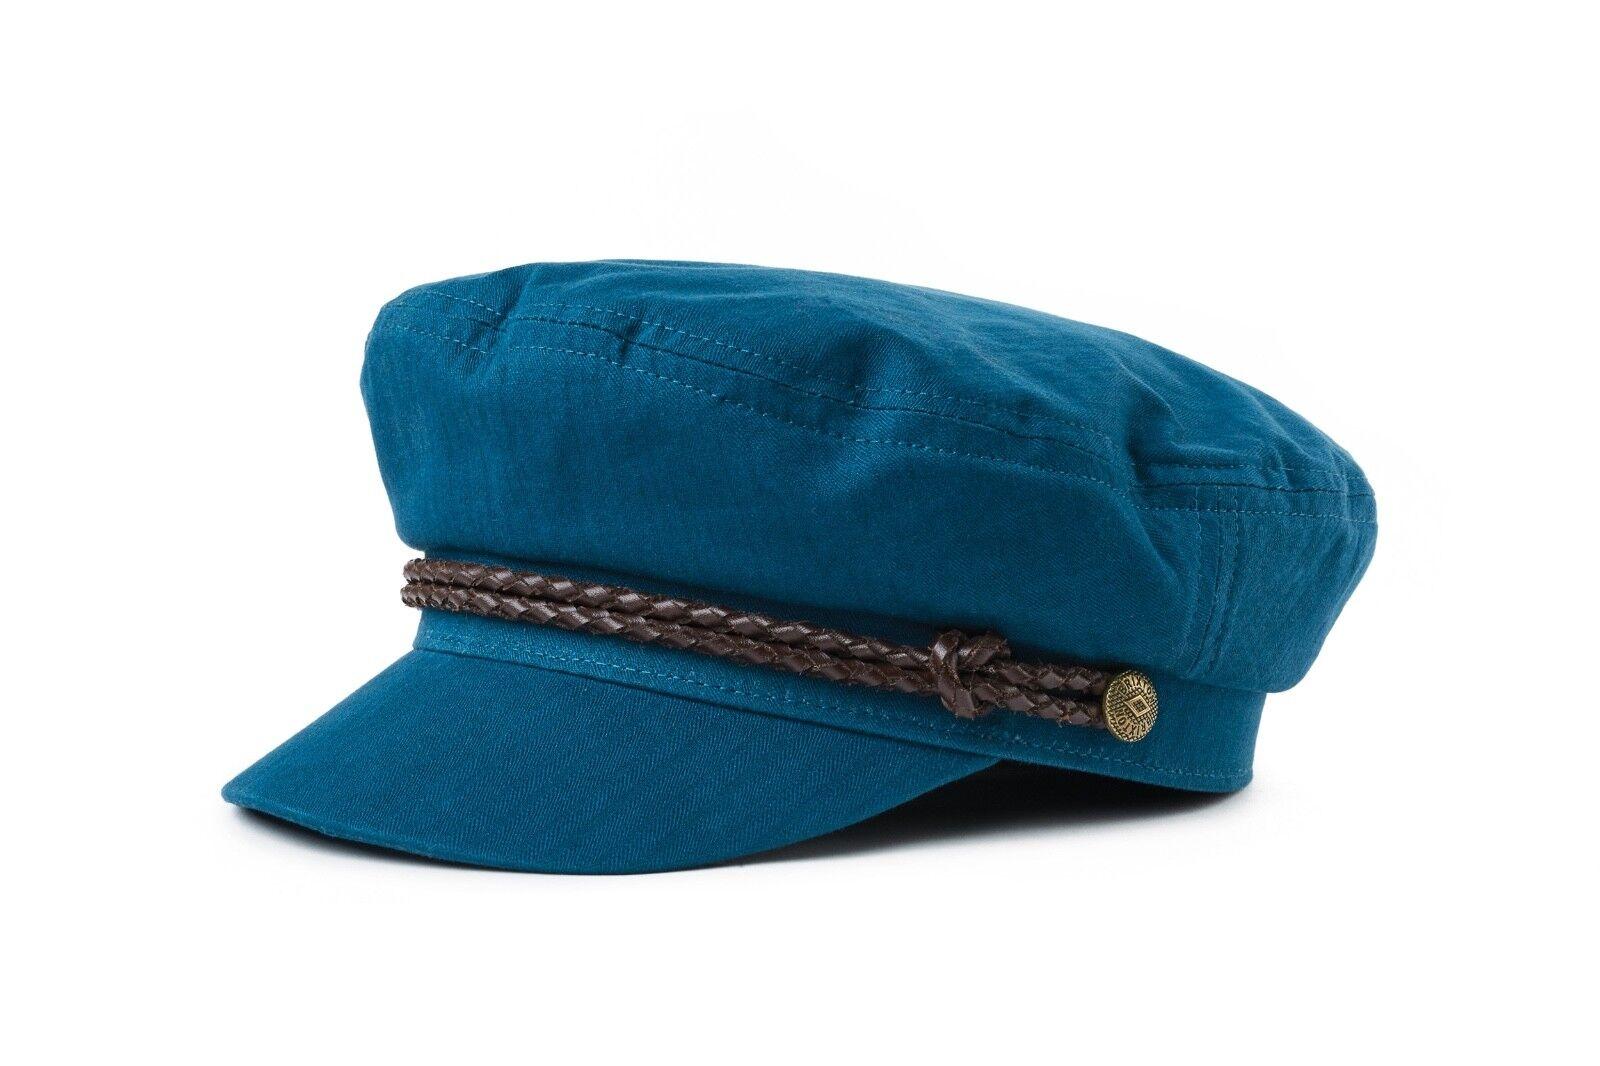 BRIXTON ASHLAND CAP NEU ORION Blau GR  S 56 CM BRIXTON SUPPLY | Kostengünstig  | Förderung  | Outlet Online Store